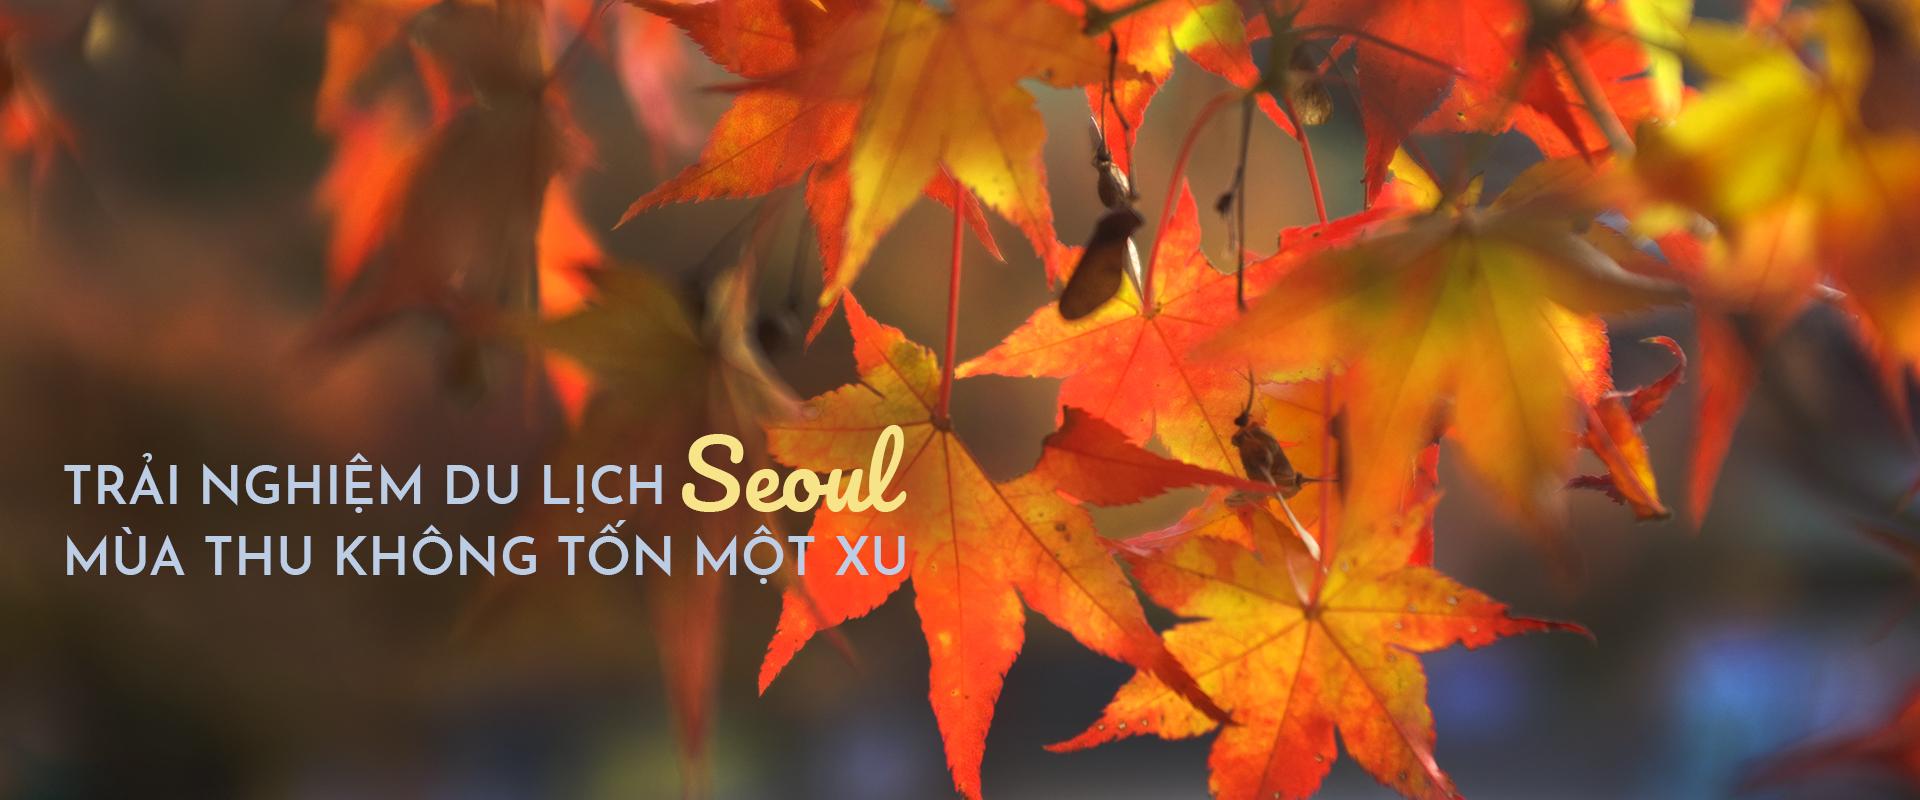 24h trải nghiệm Seoul không tốn một xu khi du lịch bụi ở Hàn Quốc